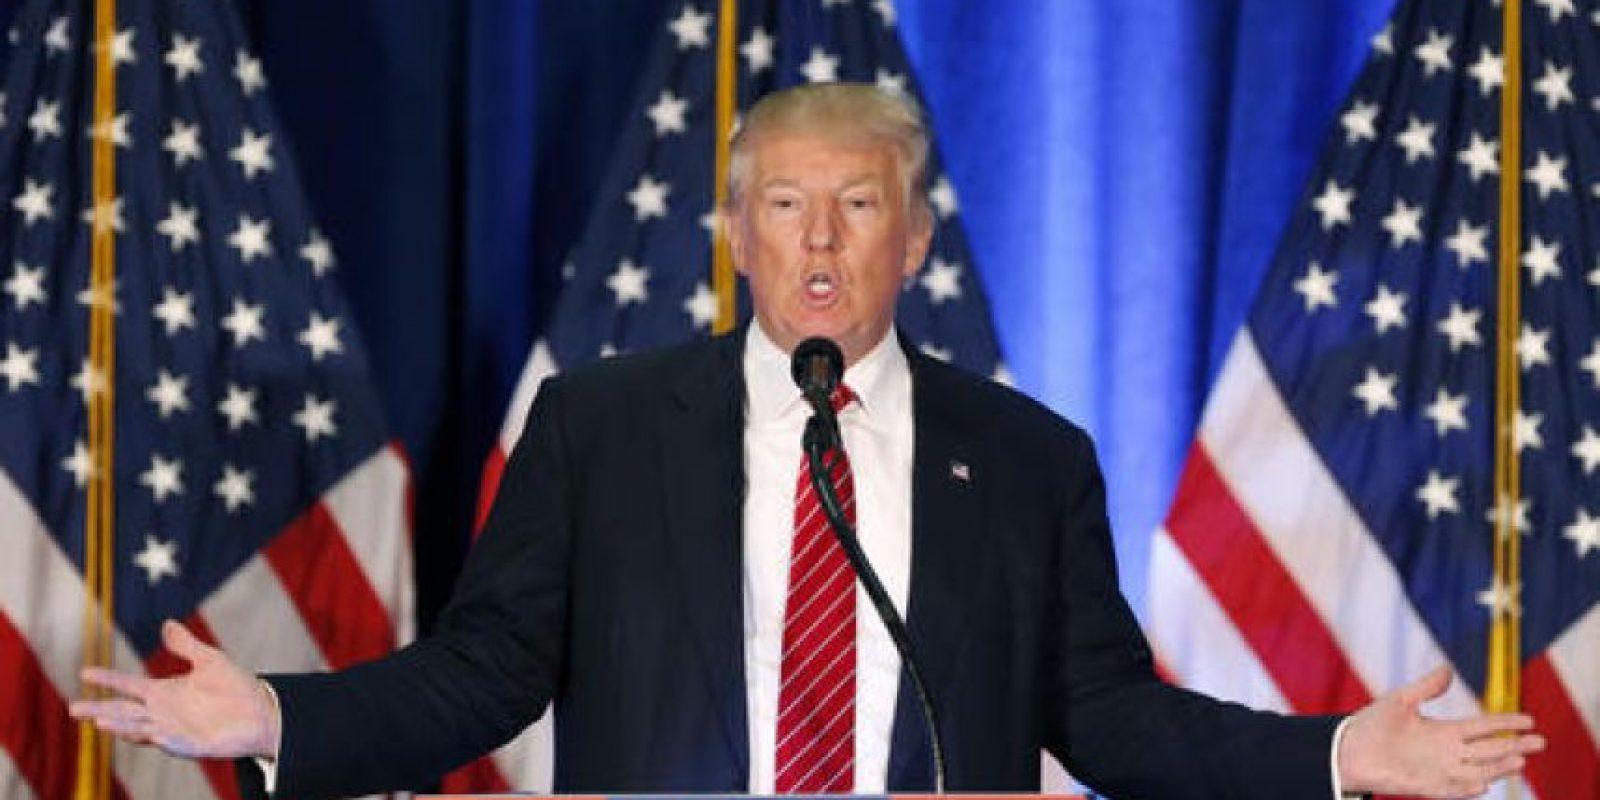 La forma de ser de Trump ha causado estragos dentro de su partido, pues ya varios miembros de este han declarado que no votarán por él y que están en contra de su nominación. Foto:AP/ Archivo. Imagen Por: Gettyimages